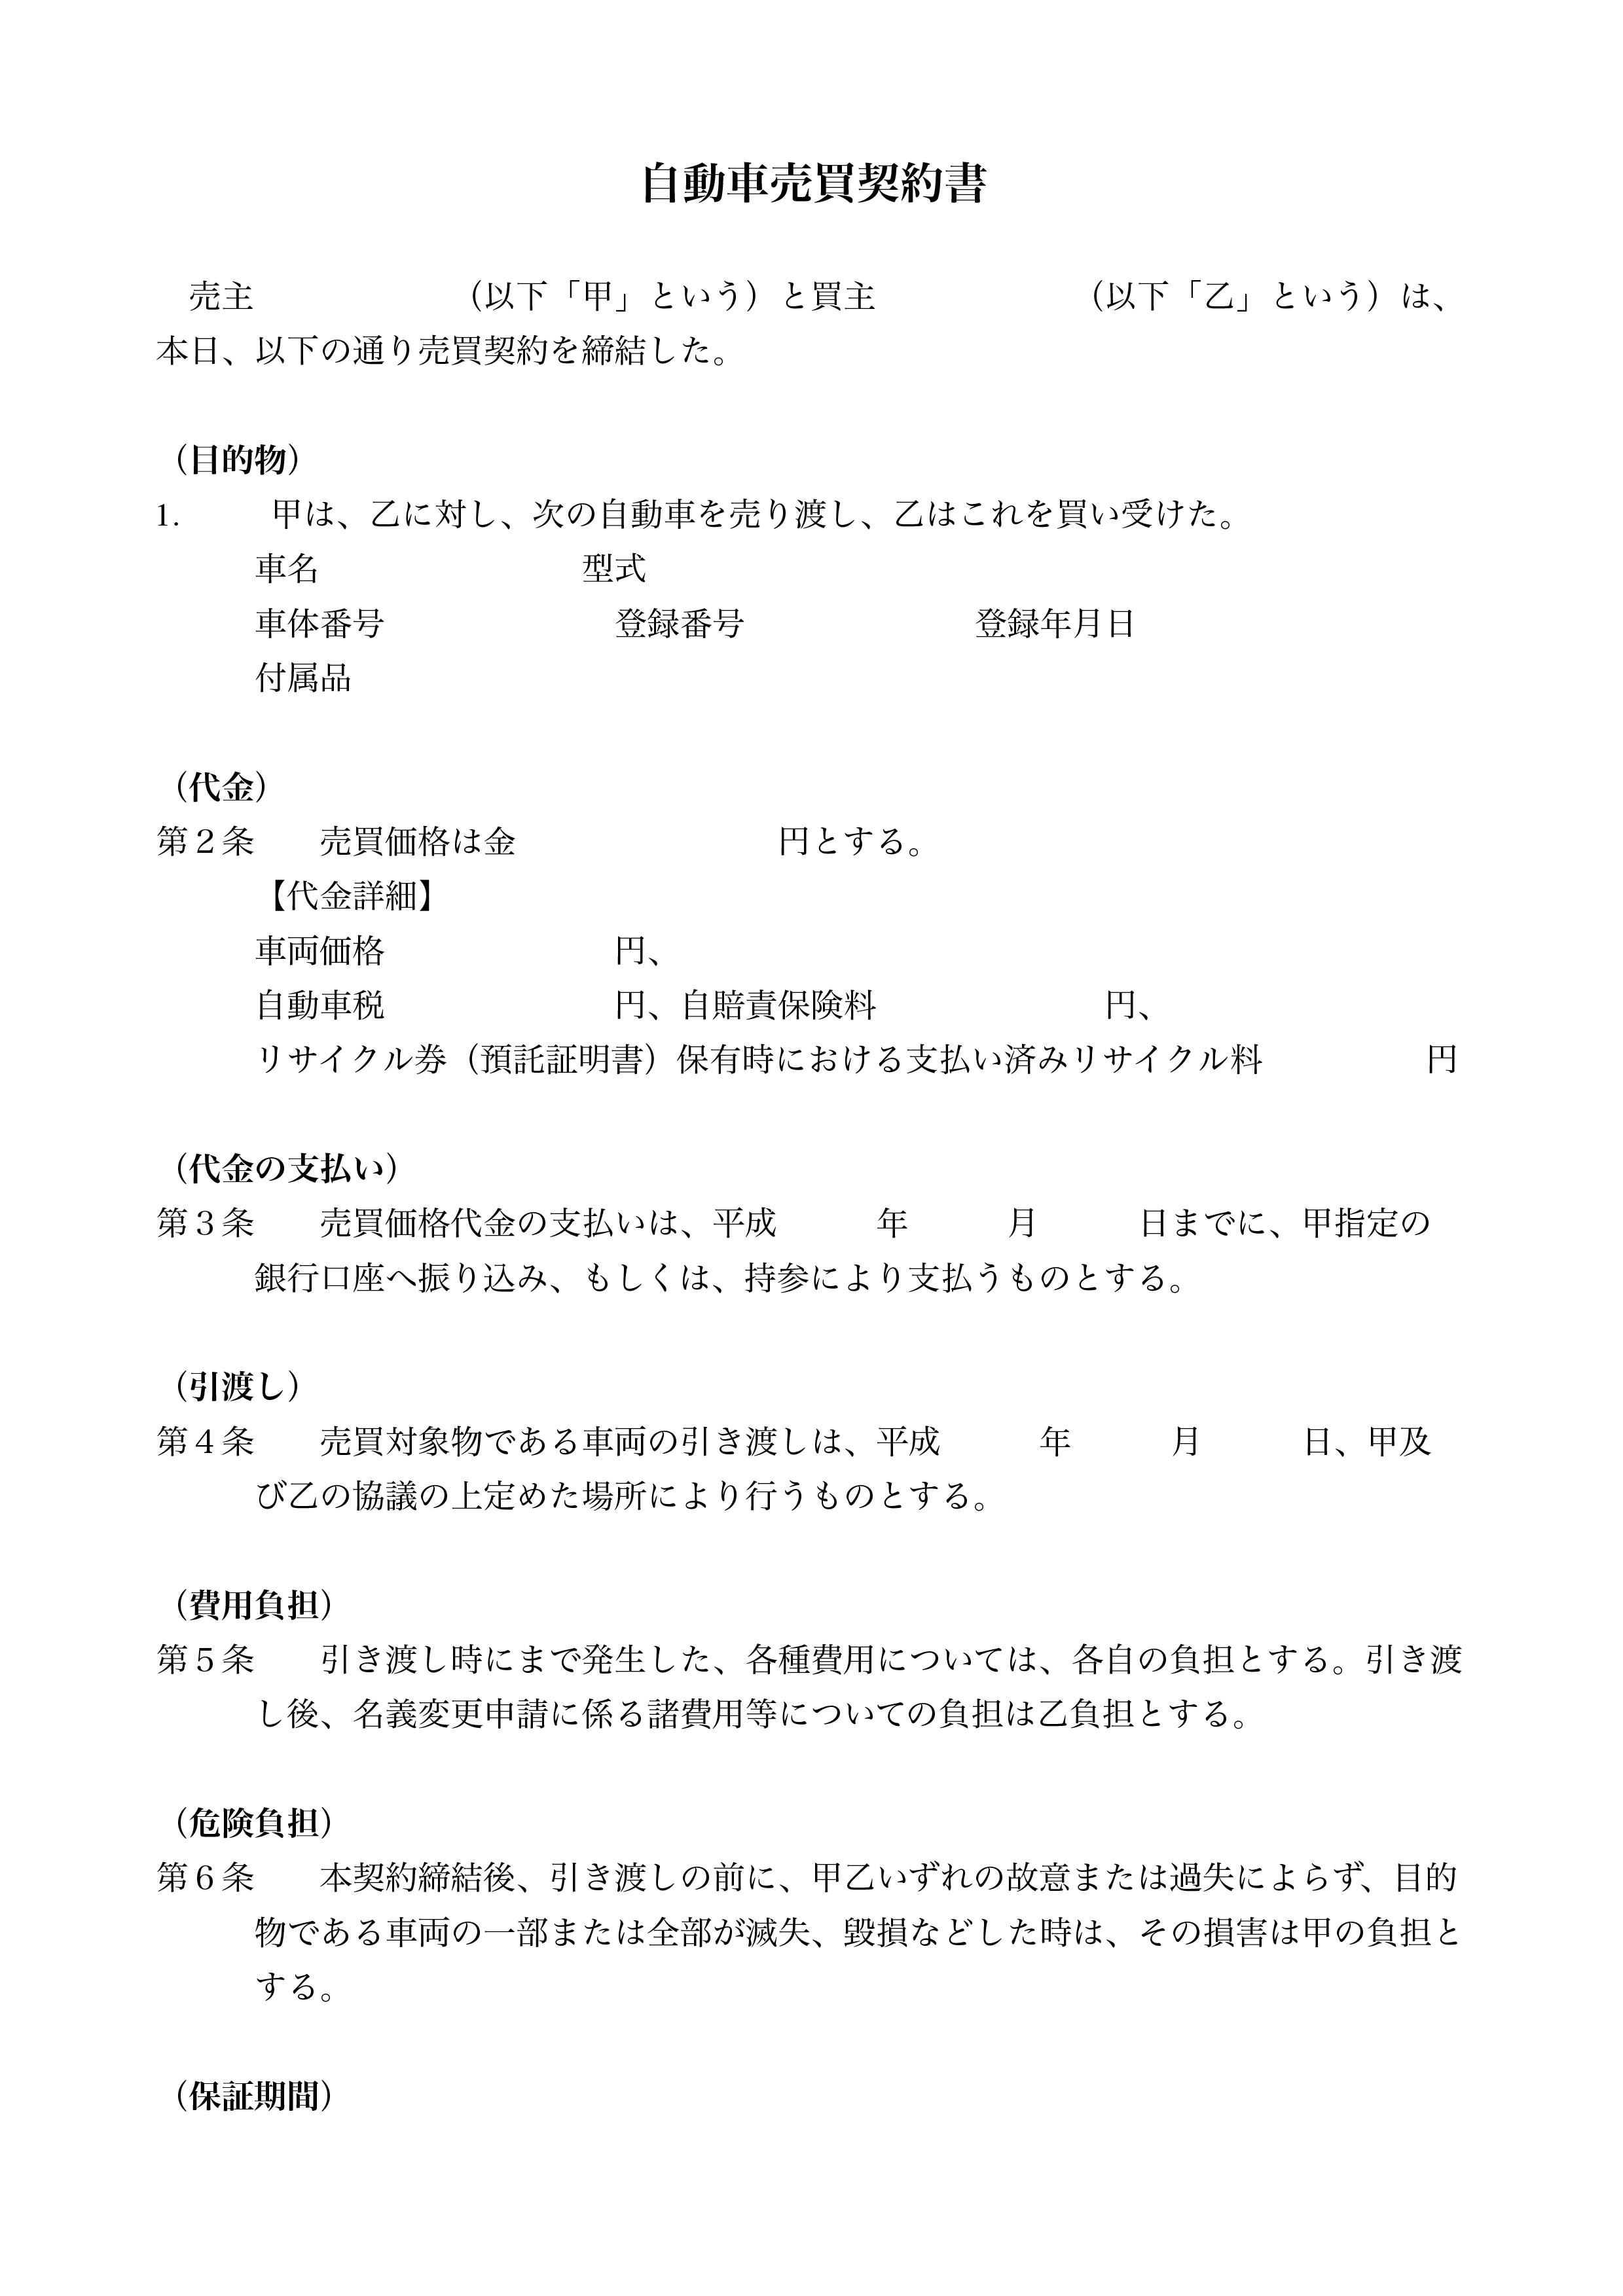 自動車売買契約書テンプレート(ワード・ページズ)